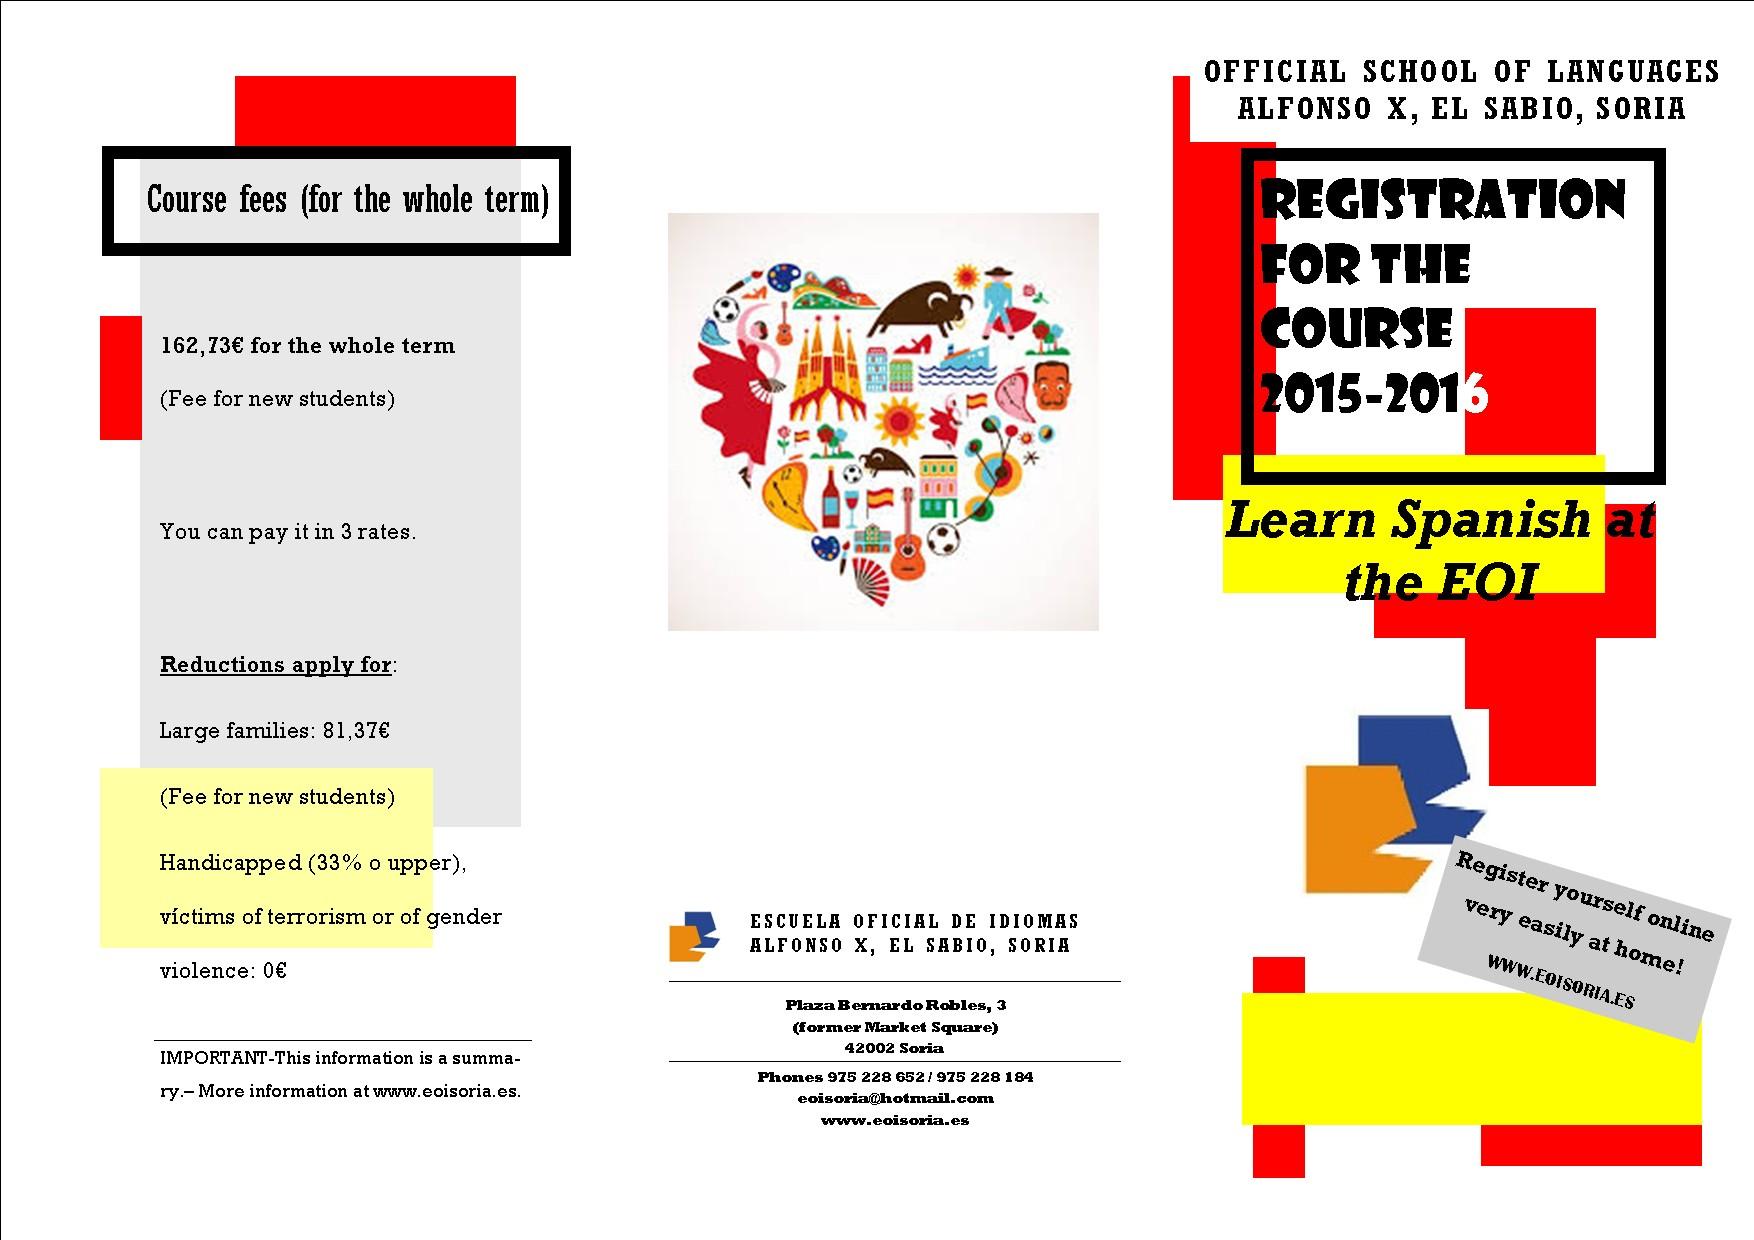 Calendario Escolar 2018 A 2019 andalucia Más Caliente Eoi Alfonso X El Sabio soria Y Secciones De Almazán Y El Burgo De Osma